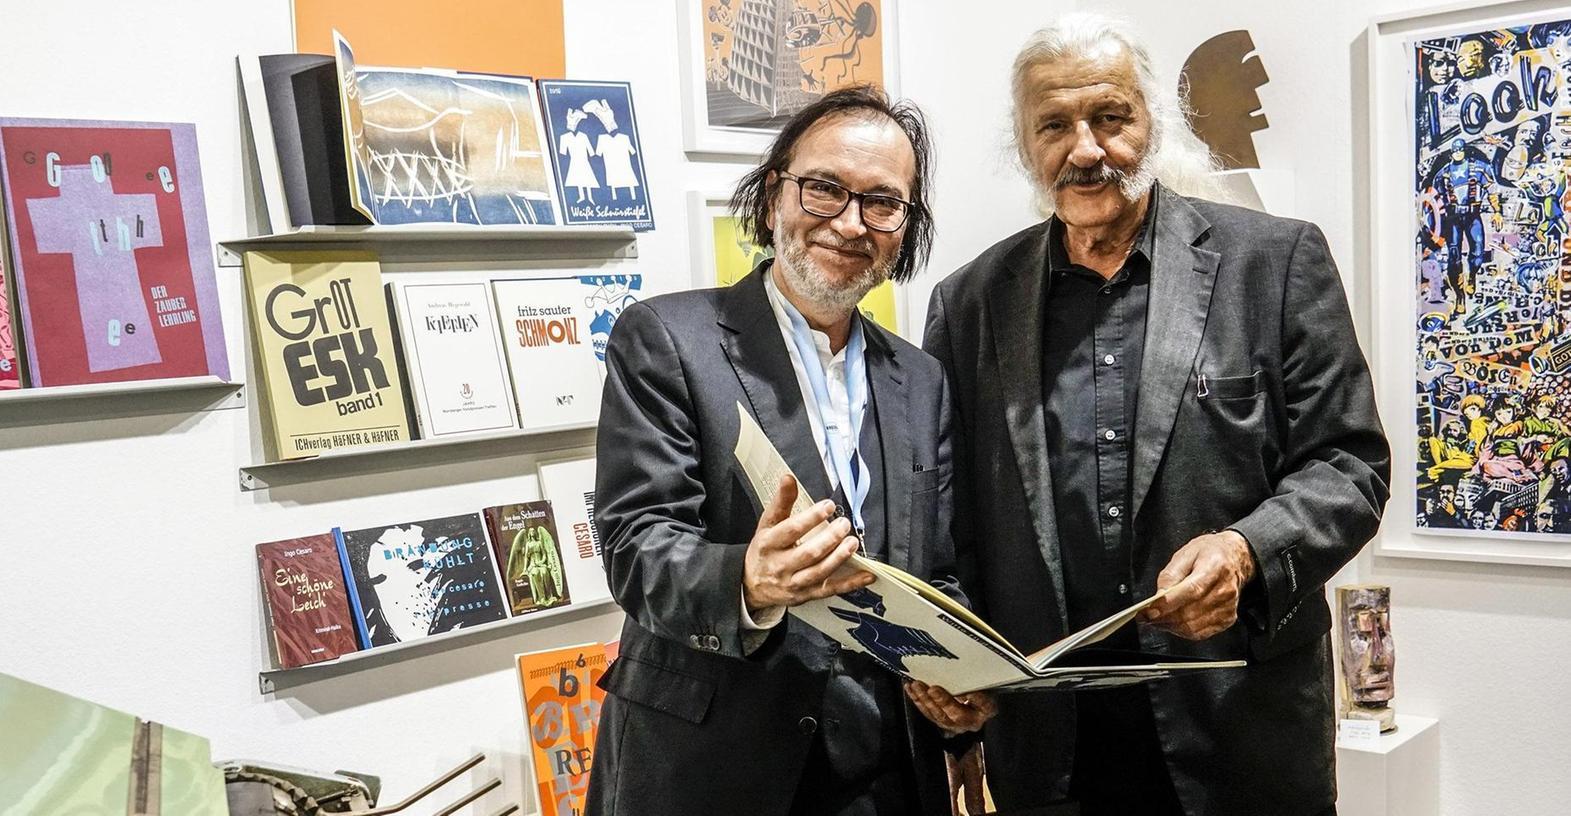 """Der Verleger Johannes Häfner (li.) und der Lyriker Ingo Cesaro präsentieren auf der Frankfurter Buchmesse das eigens für die Messe aufgelegte Kunstbuch """"Weiße Schnürstiefel"""". Im Vordergrund eine fast schon antike Handpresse."""